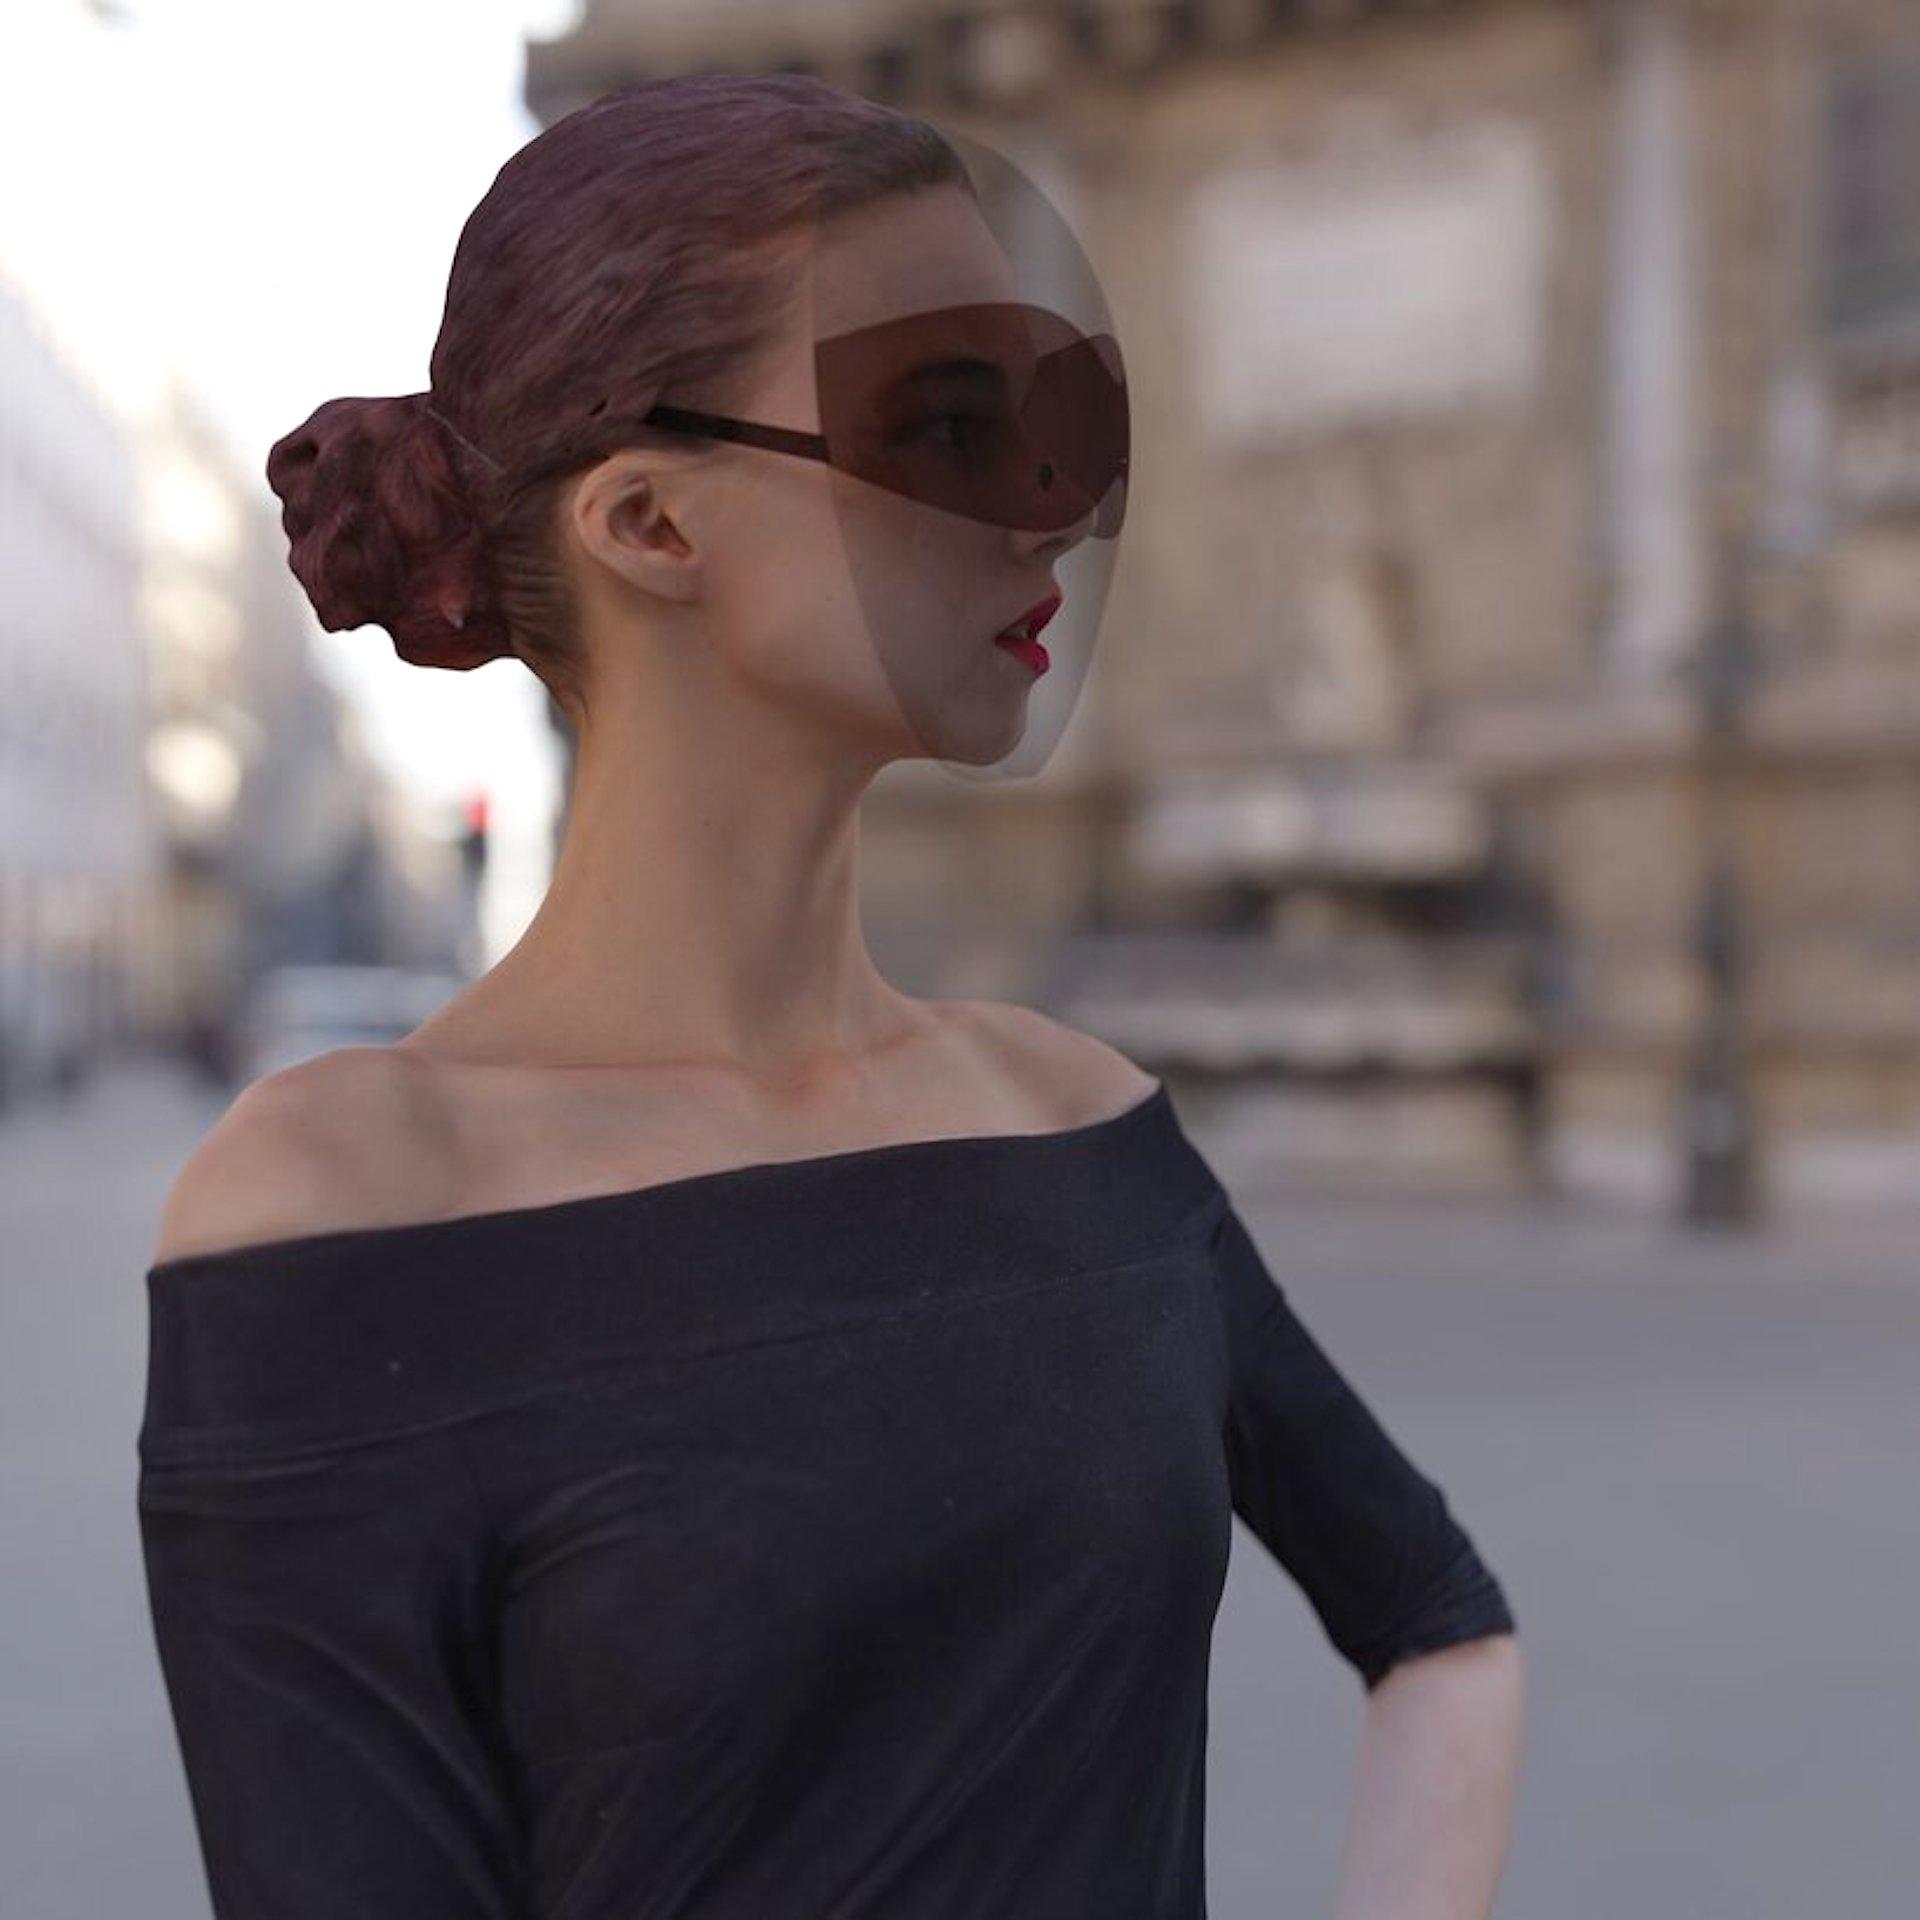 La máscara tiene lentes y brazos de gafas de sol integrados que hacen que el escudo sea más práctico y totalmente moderno